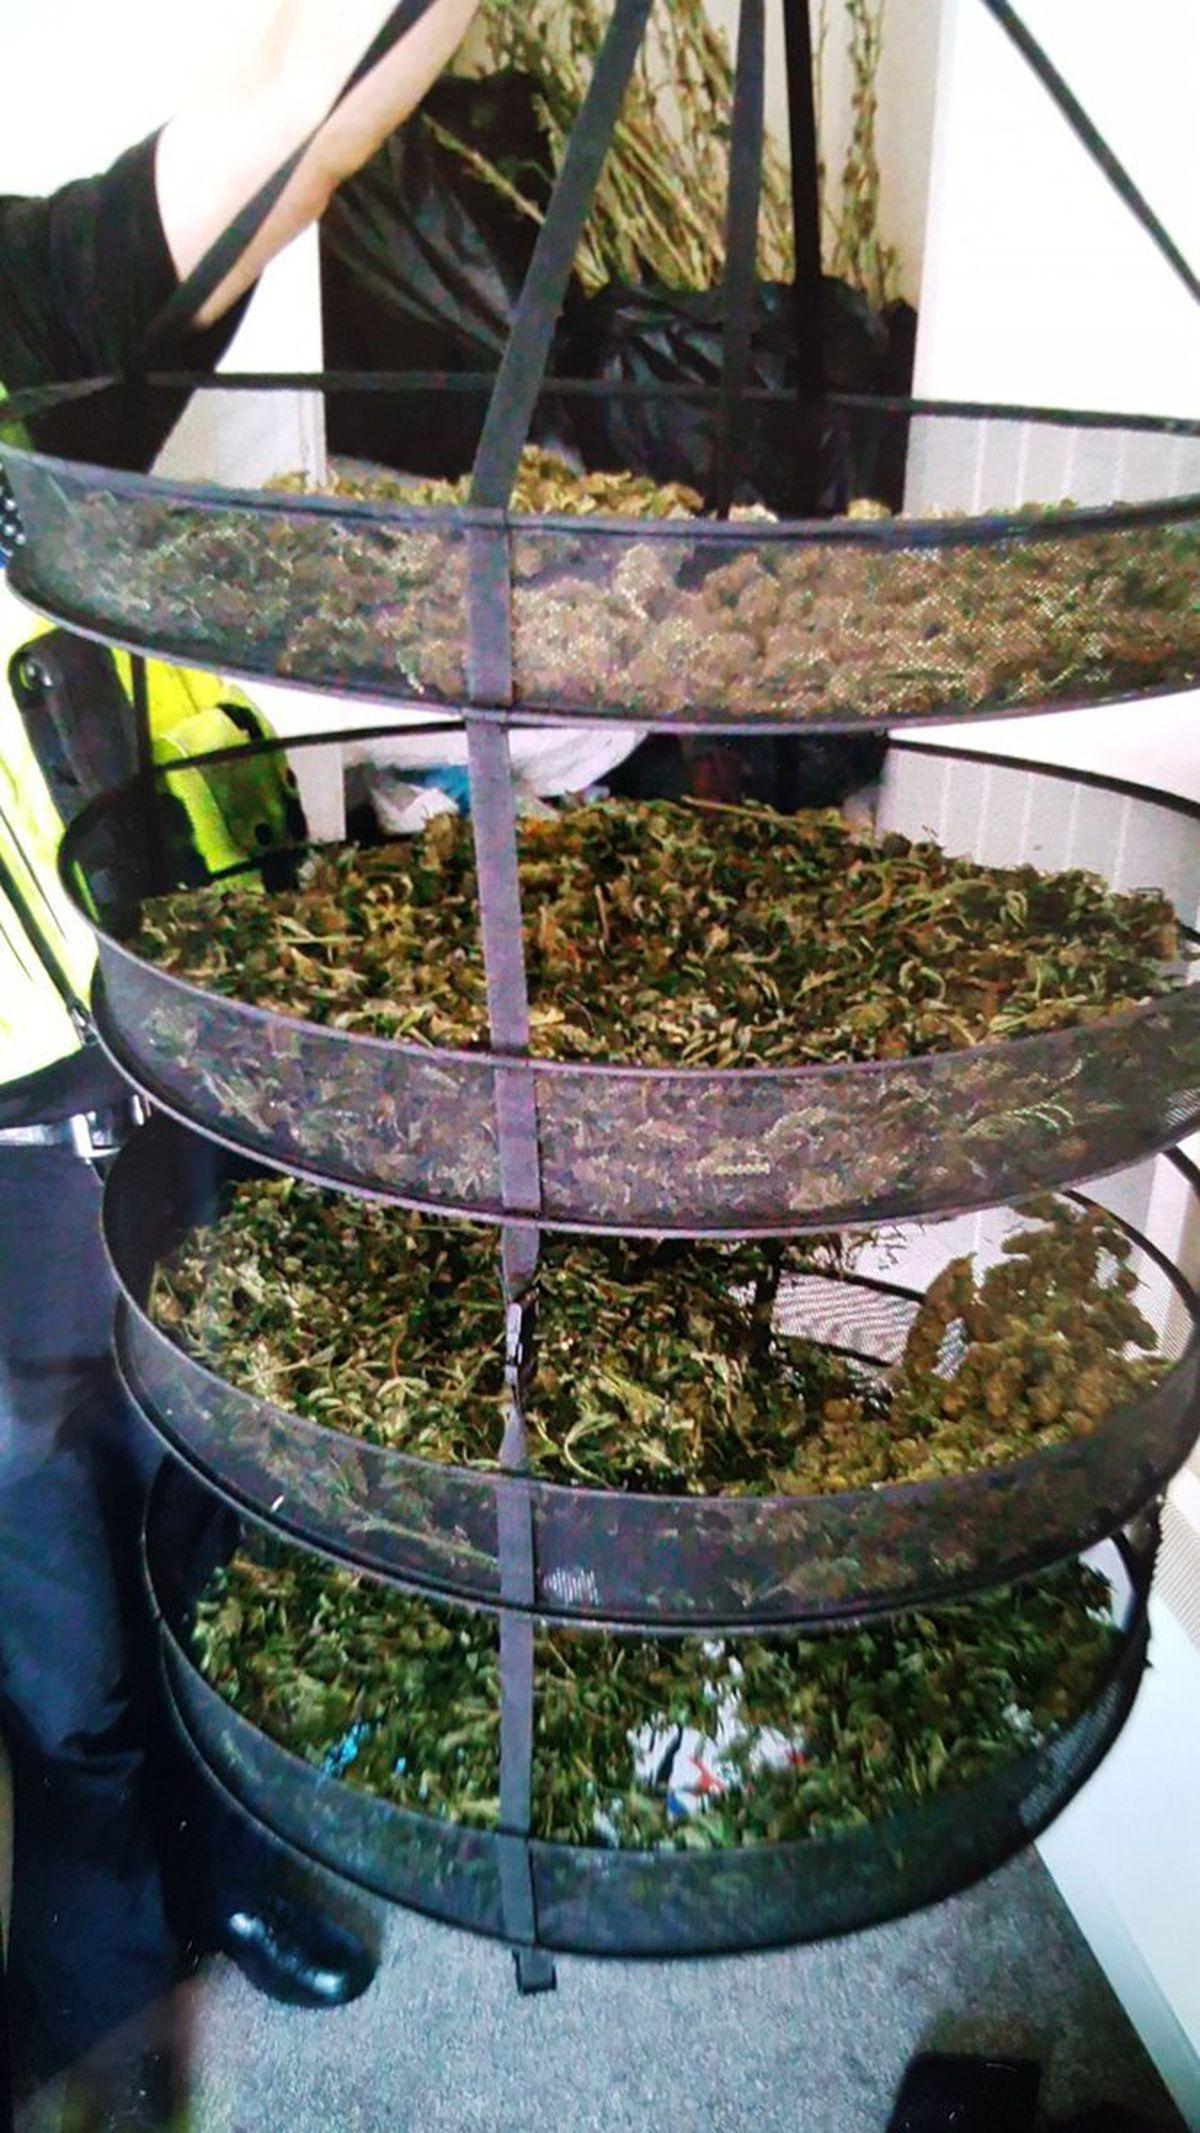 A quantity of cannabis found in Oldbury. Picture: @oldburywmp